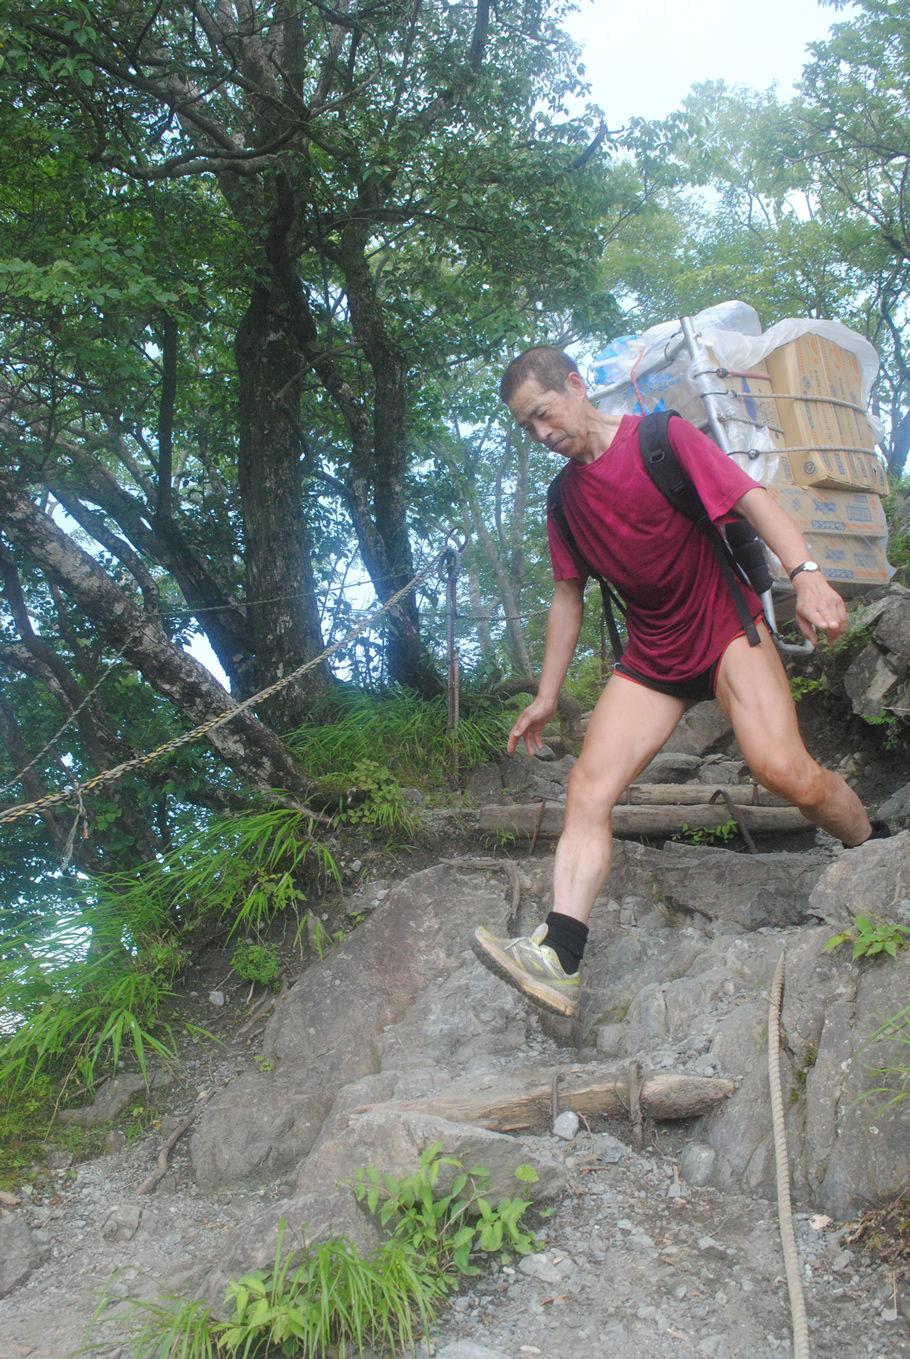 岩場を下る。ひざに荷物の重さがかかる。微笑みから真剣な表情になる